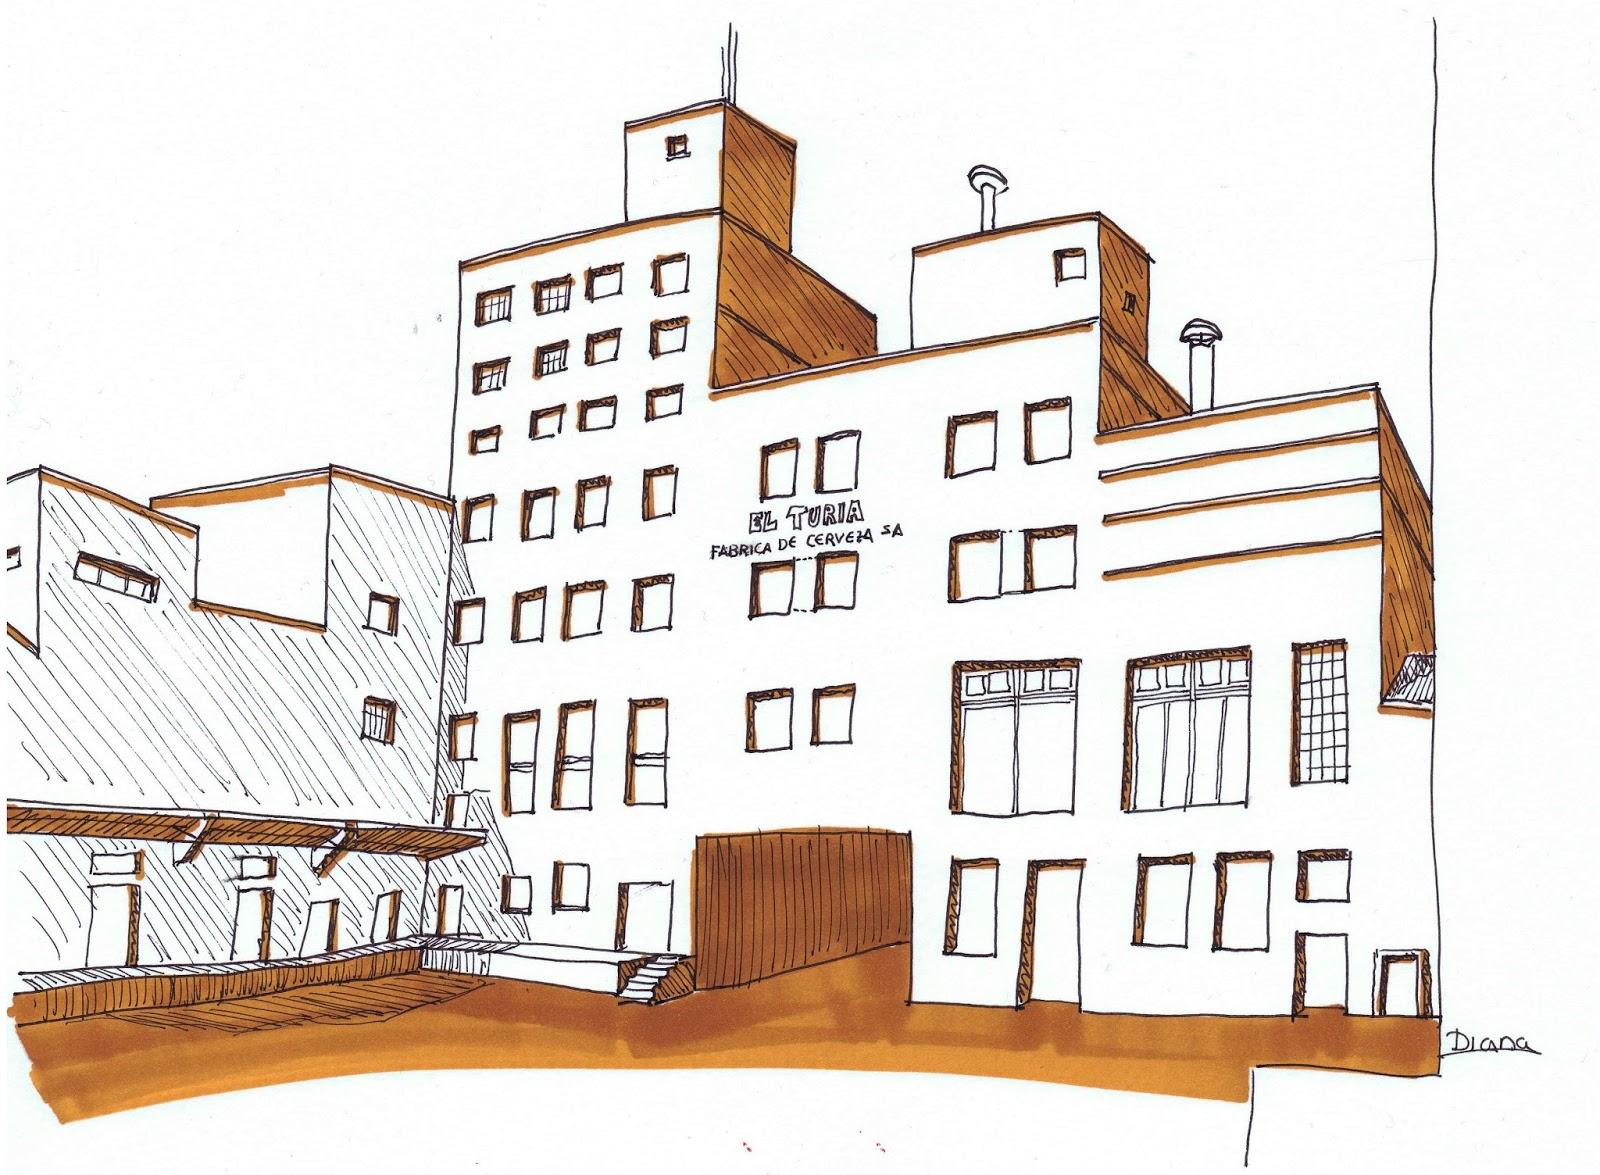 Patrimonio Industrial Arquitect Nico Mis Dibujos